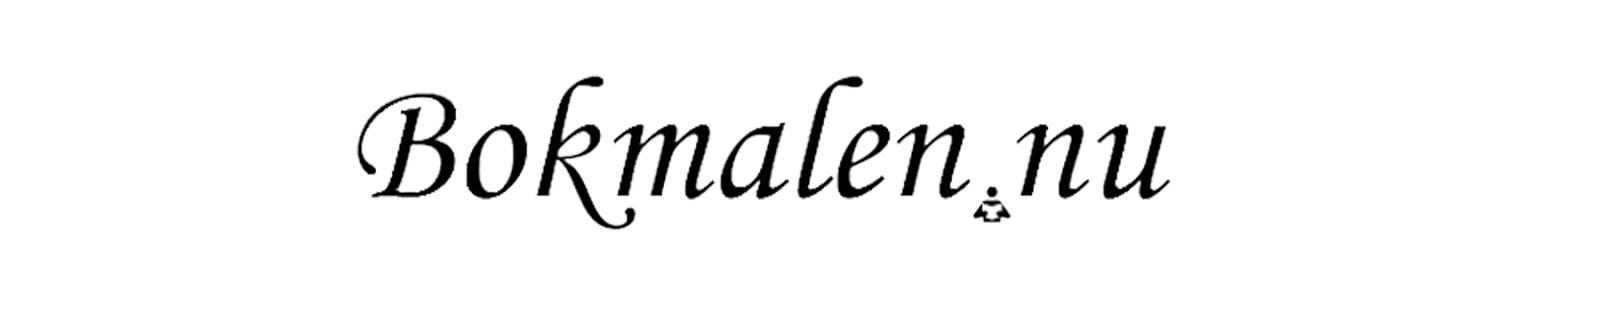 www.bokmalen.nu